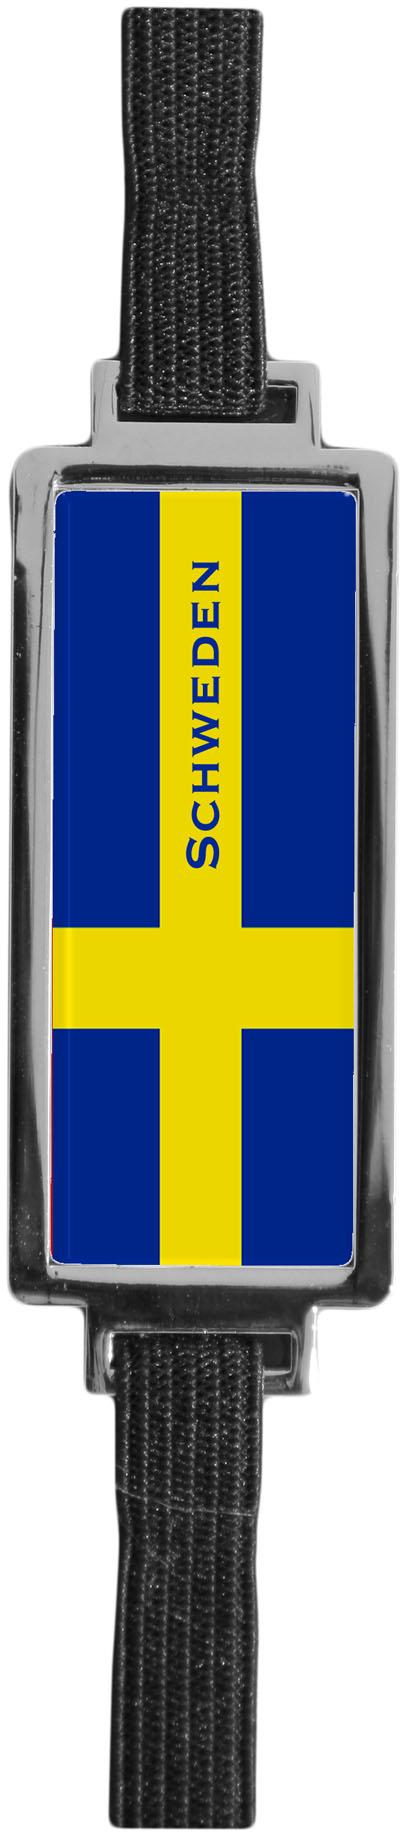 """Metall - Lesezeichen  """"Schweden"""""""